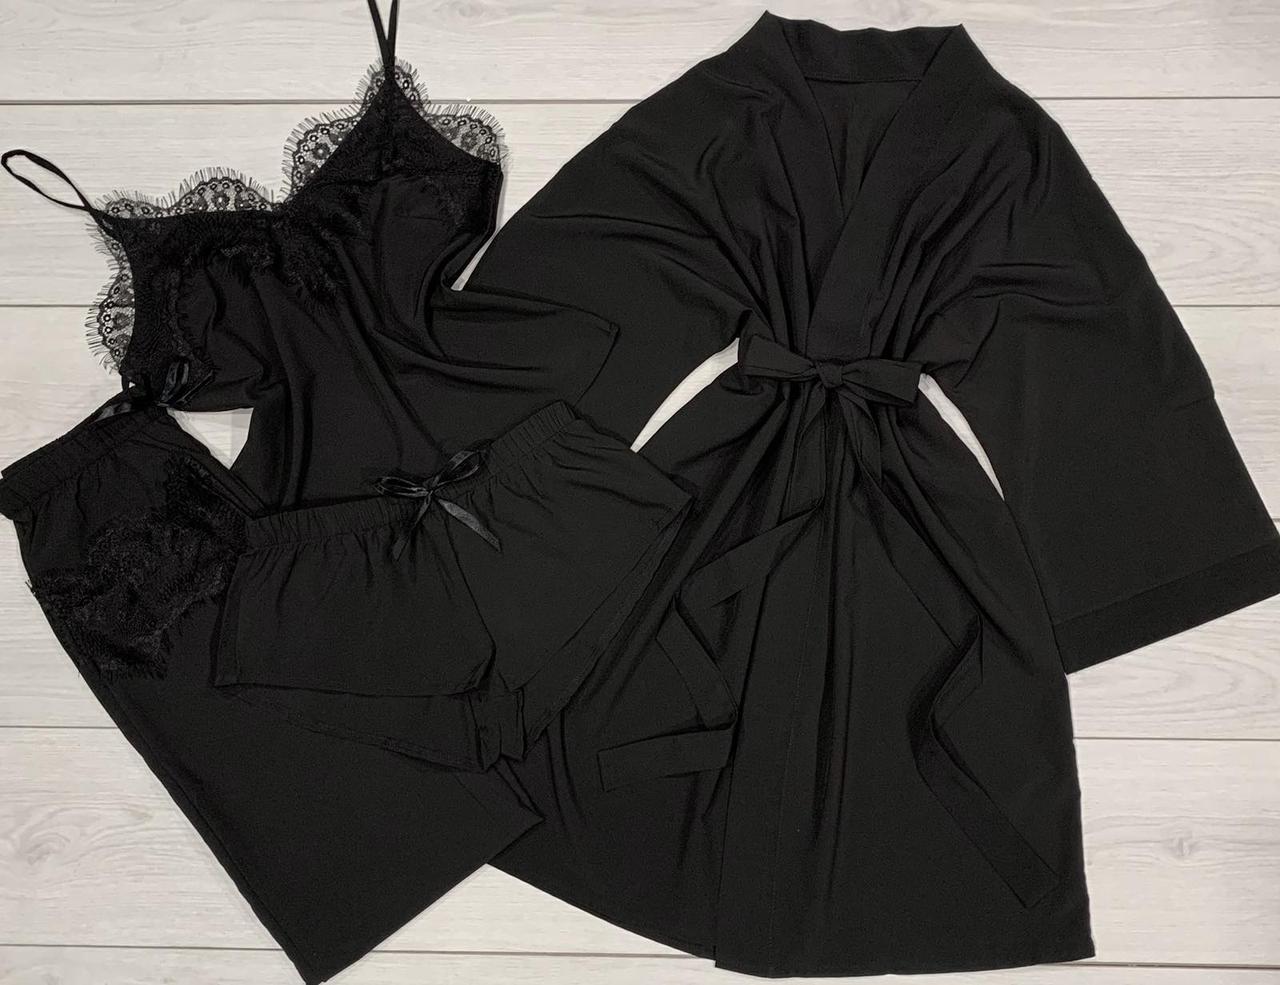 Пижамный комплект с кружевом + Халат-кимоно Одежда для сна и отдыха